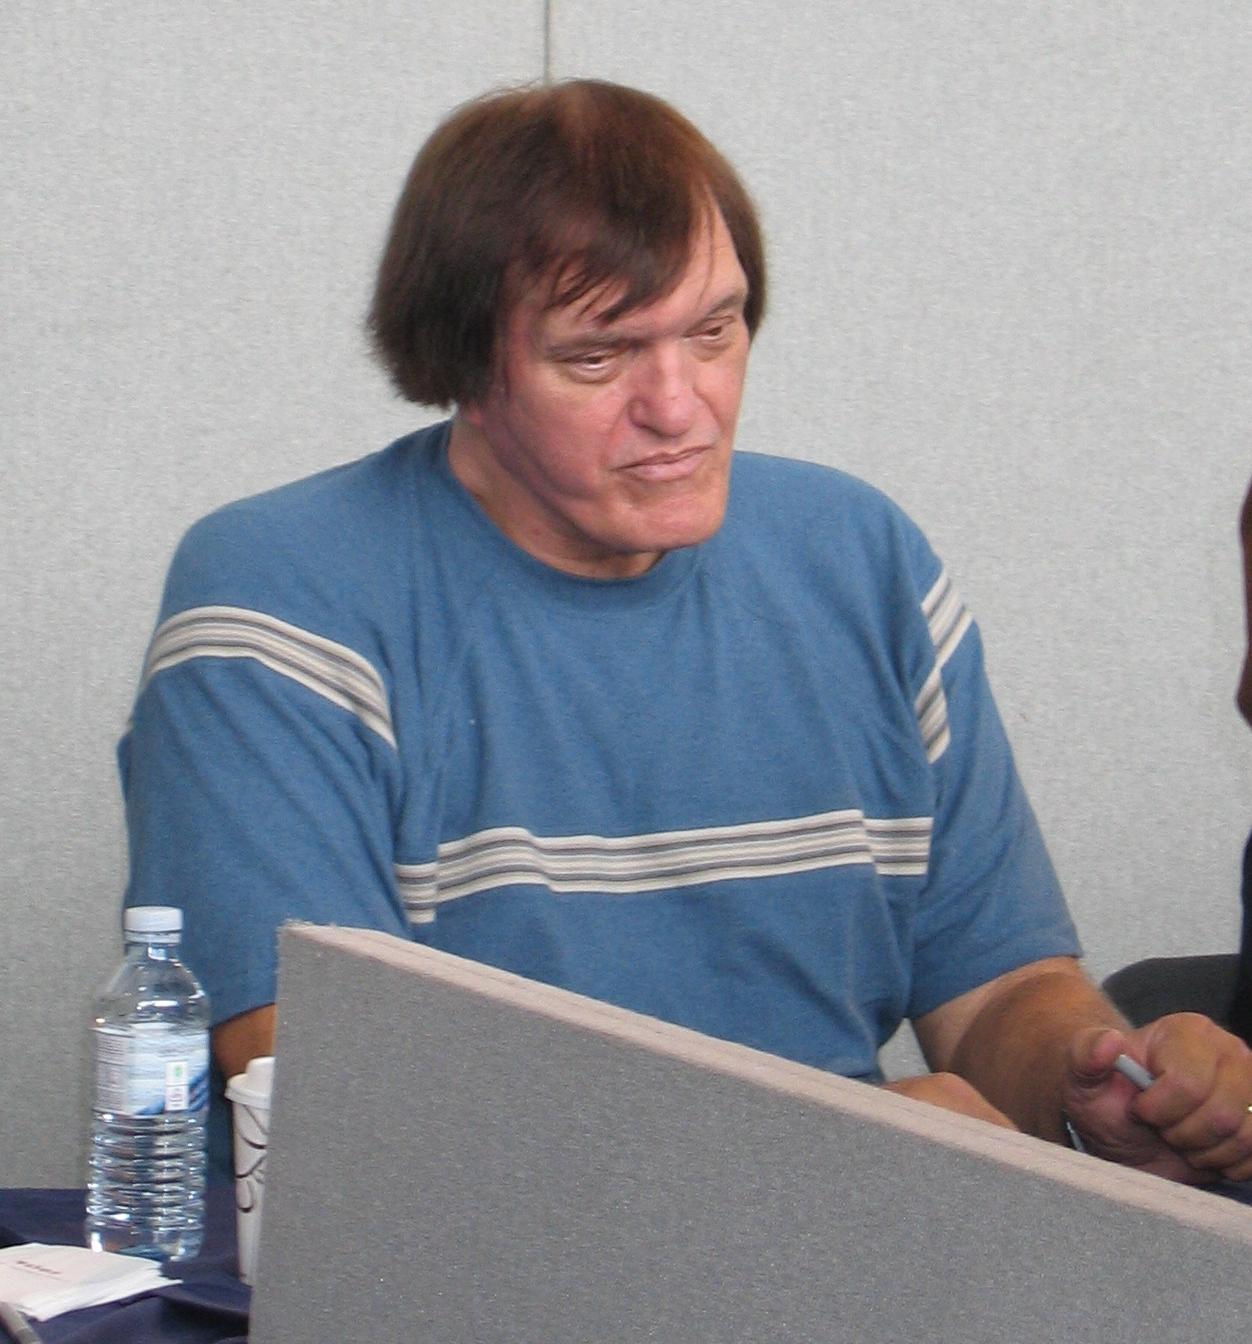 Richard Kiel - Wikipedia